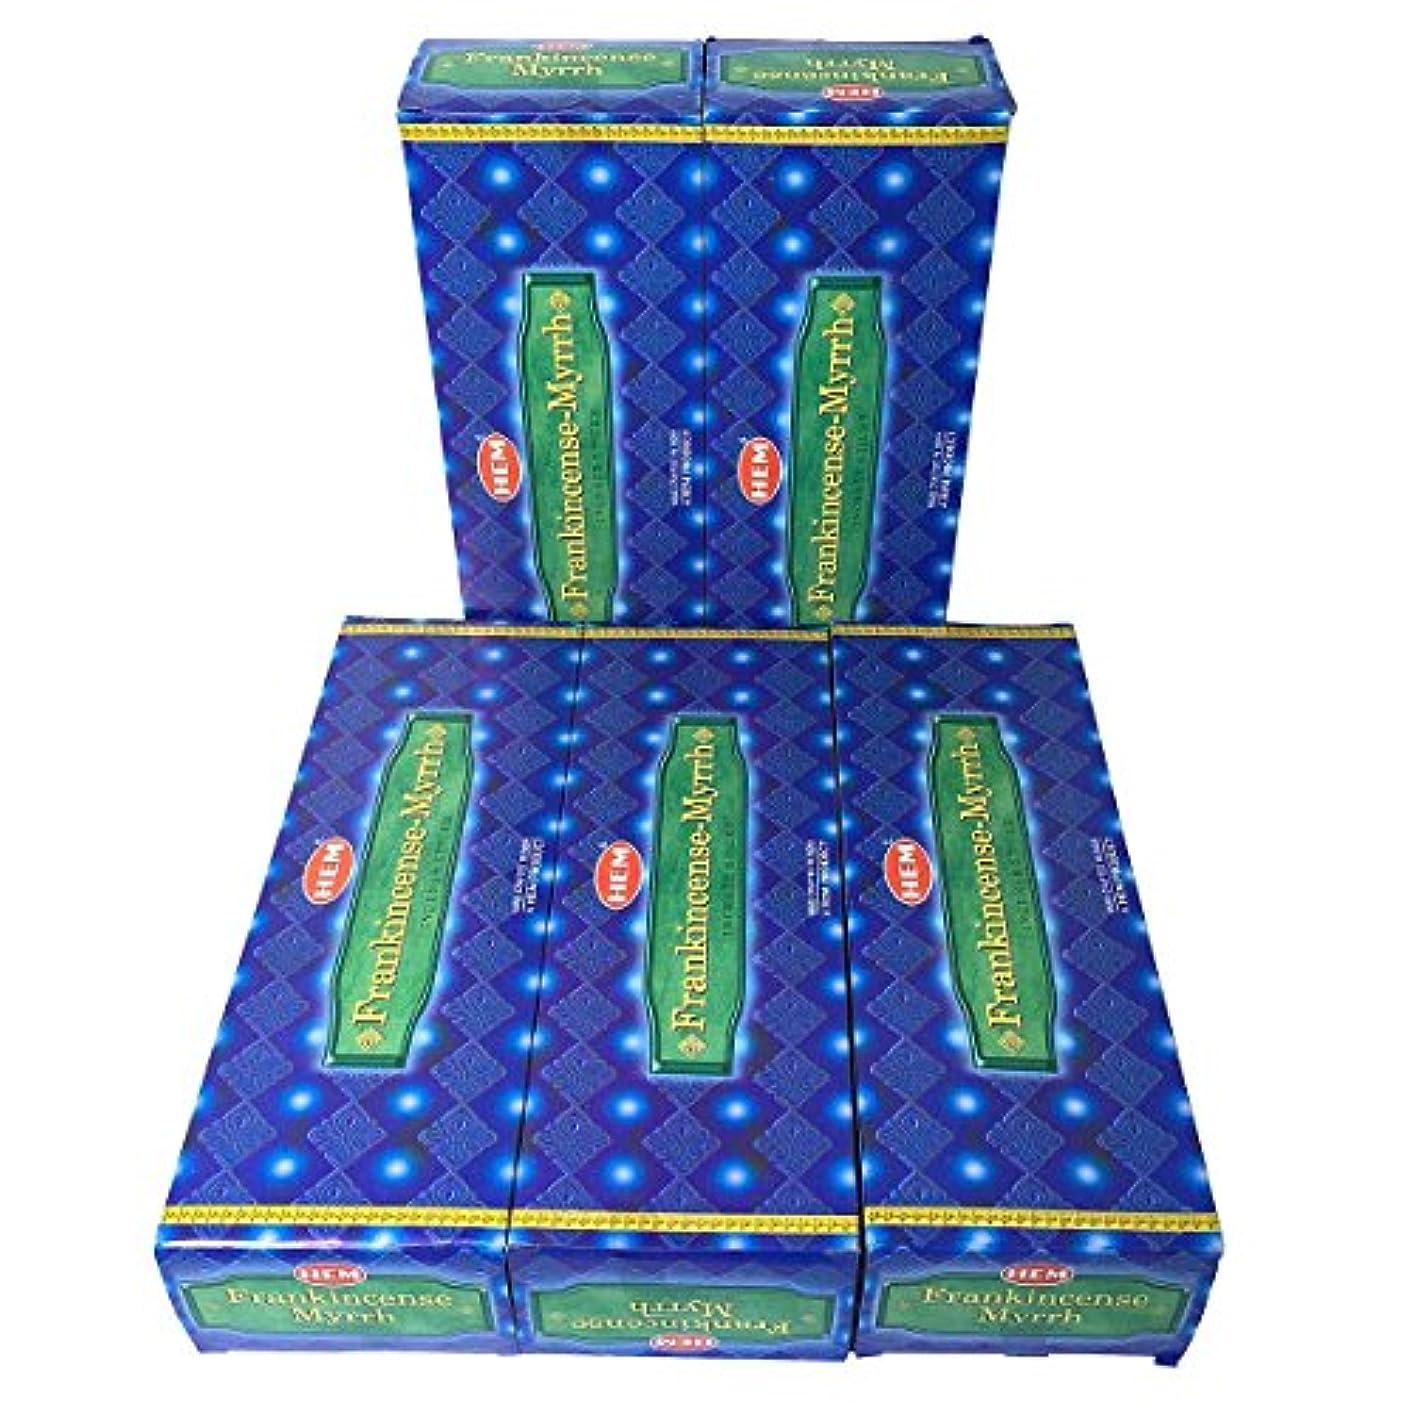 稚魚古くなったアンデス山脈HEM フランキンセンス-ミルラ香 スティック 5BOX(30箱)/HEM FRANKINCENSE MYRRH/ インド香 / 送料無料 [並行輸入品]